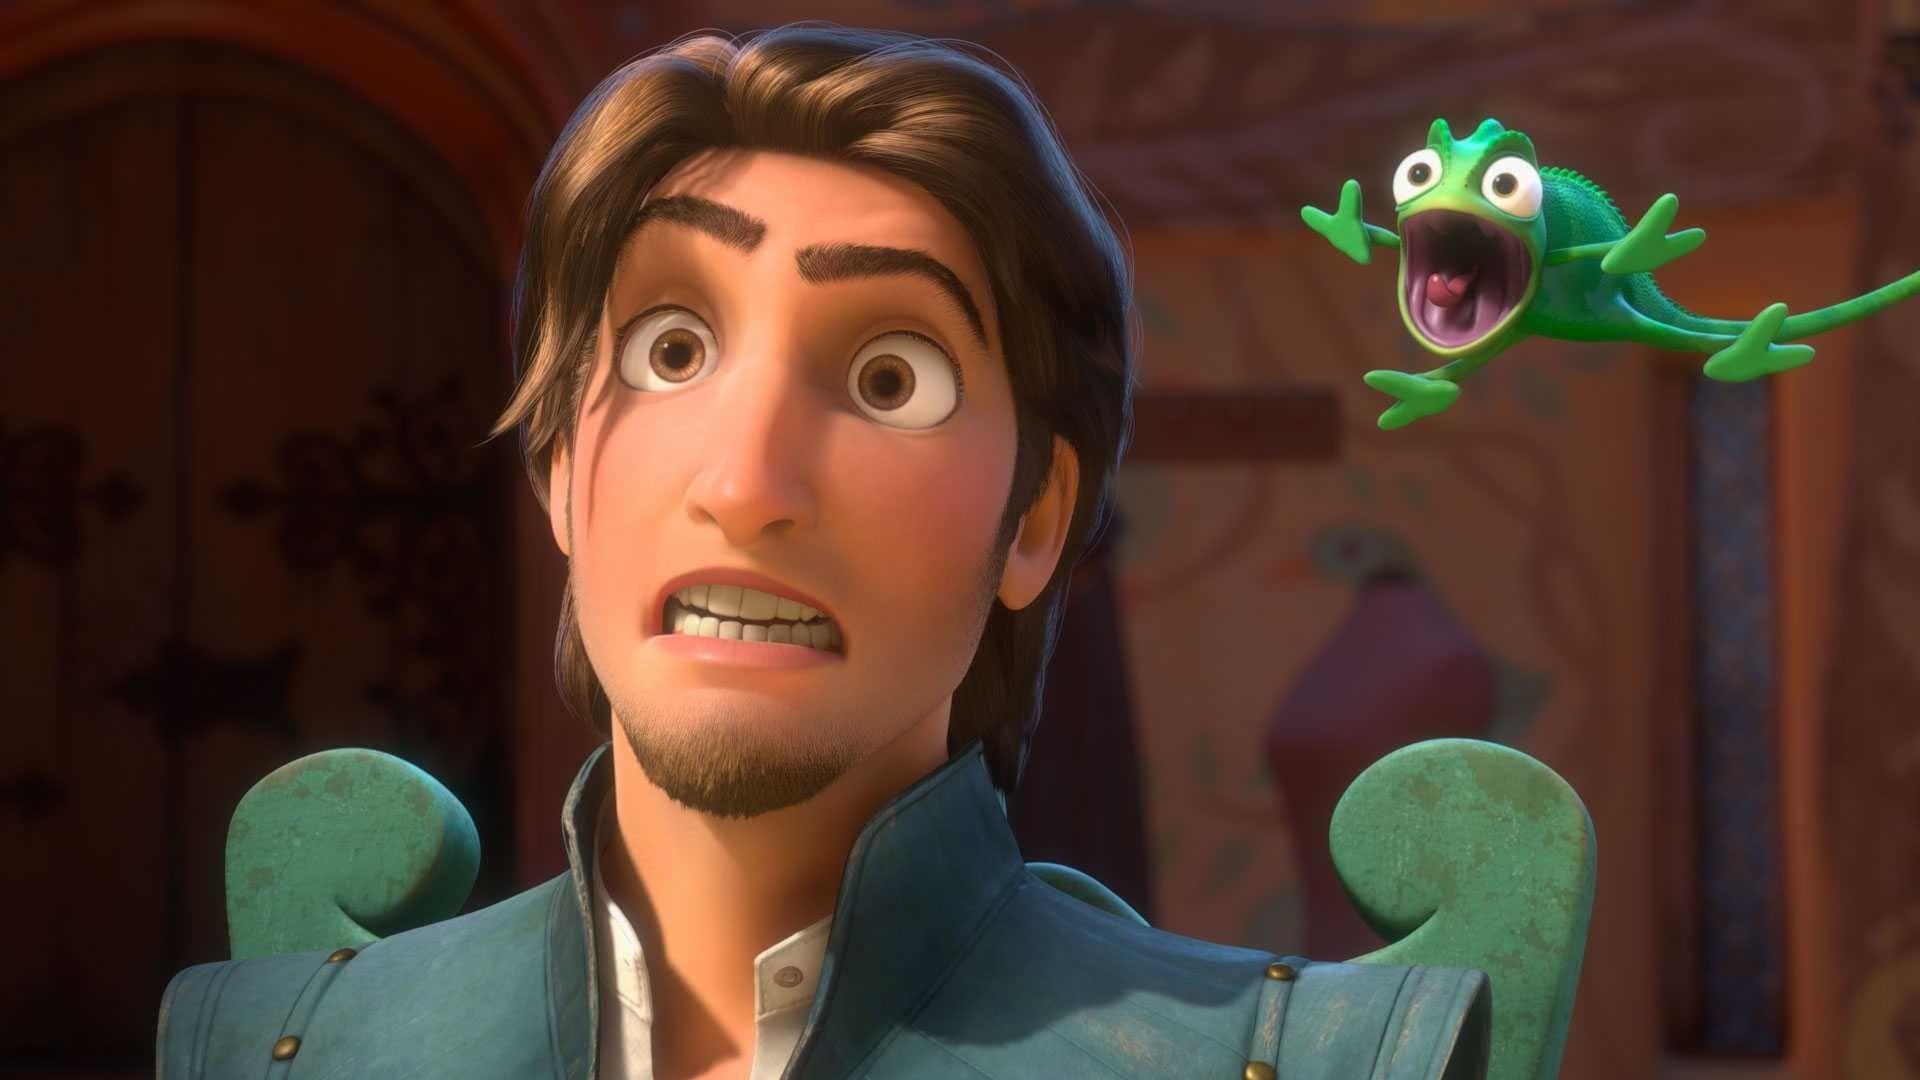 Rapunzel L Intreccio Della Torre 2010 Streaming Ita Cb01 Film Completo Italiano Altadefinizione Una Goccia Di Sole Cadd Disney Funny Disney Memes Disney Love